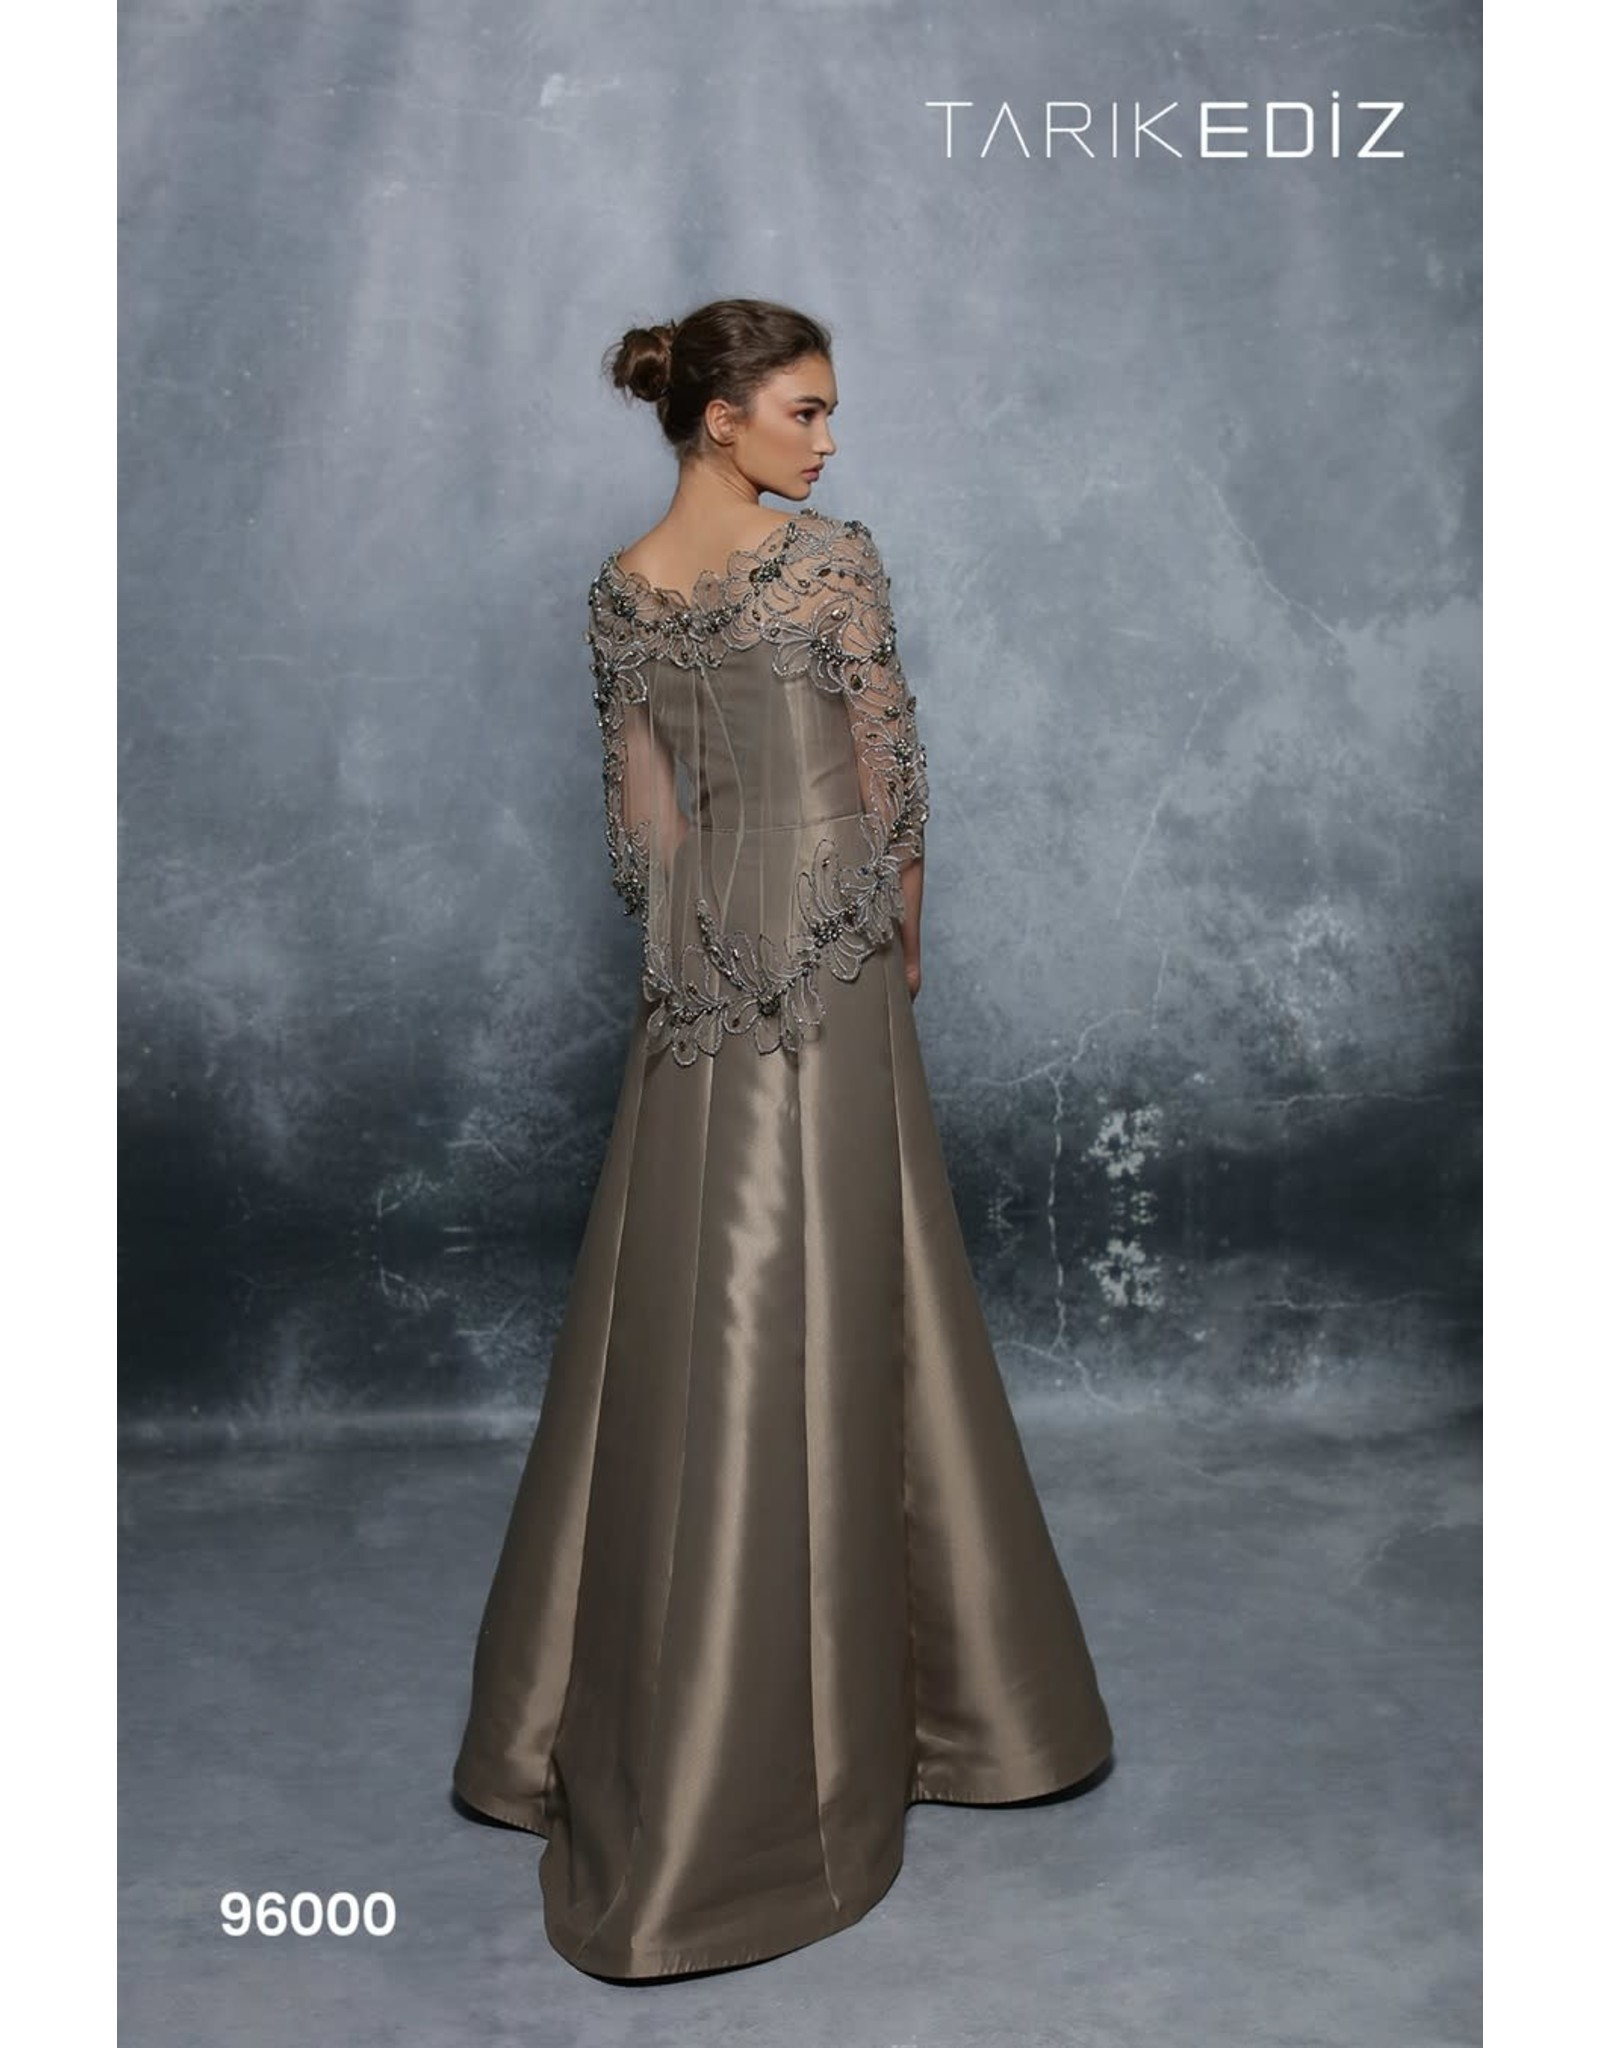 Tarik Ediz 96000 Tarik Ediz Dresses